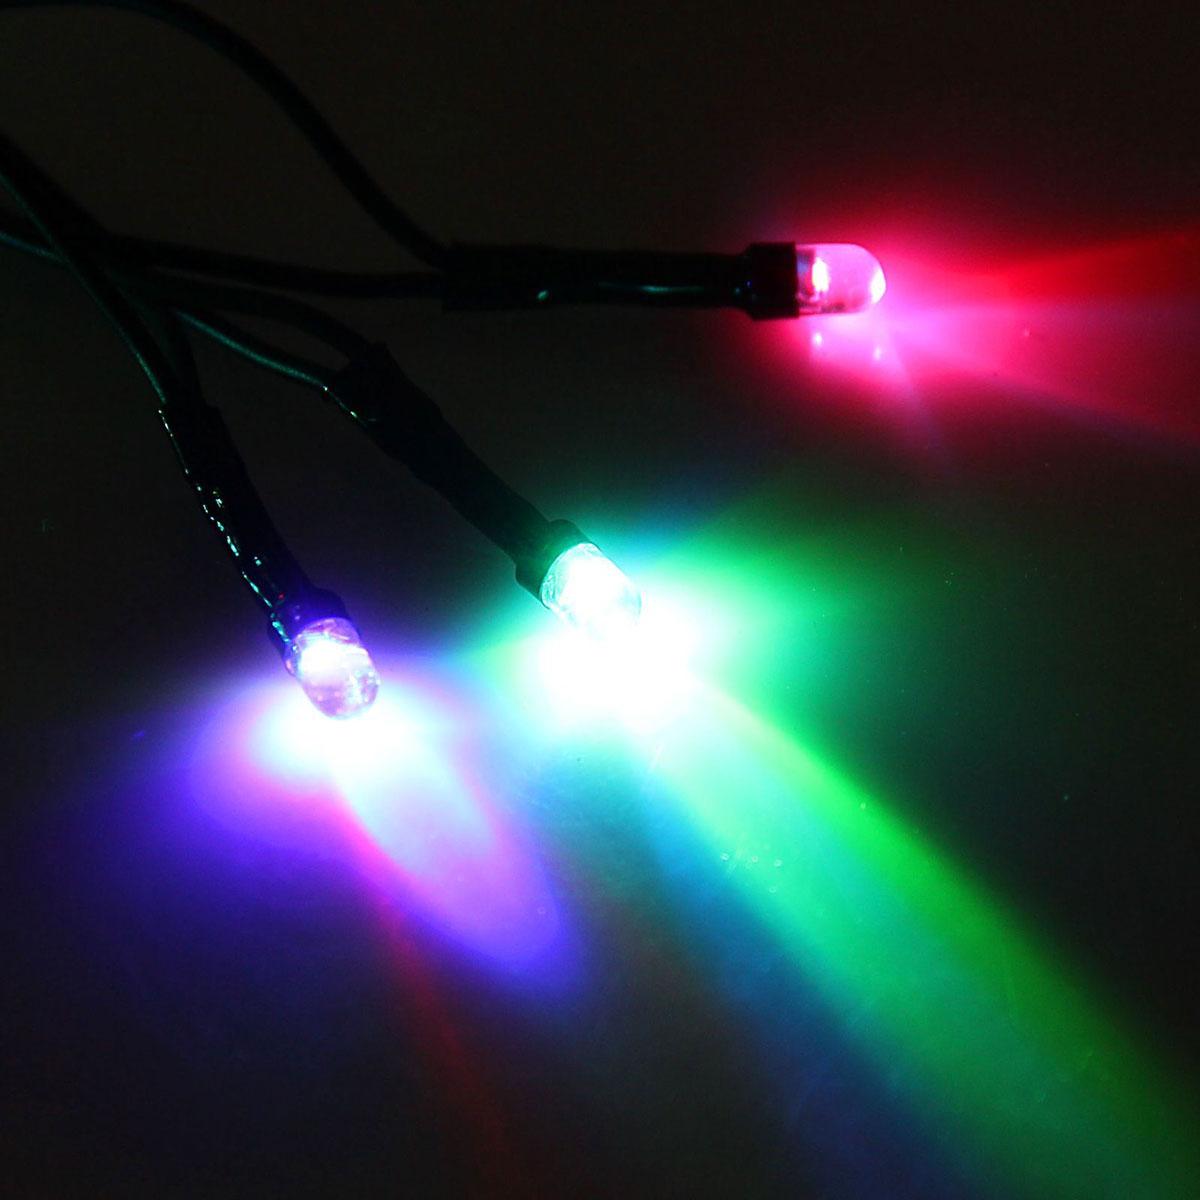 Гирлянда светодиодная Luazon Метраж, уличная, моргает, 52 лампы, 220 V, 5 м, цвет: мультиколор. 10799771079977Светодиодные гирлянды, ленты и т.д. — это отличный вариант для новогоднего оформления интерьера или фасада. С их помощью помещение любого размера можно превратить в праздничный зал, а внешние элементы зданий, украшенные ими, мгновенно станут напоминать очертания сказочного дворца. Такие украшения создают ауру предвкушения чуда. Деревья, фасады, витрины, окна и арки будто специально созданы, чтобы вы украсили их светящимися нитями.